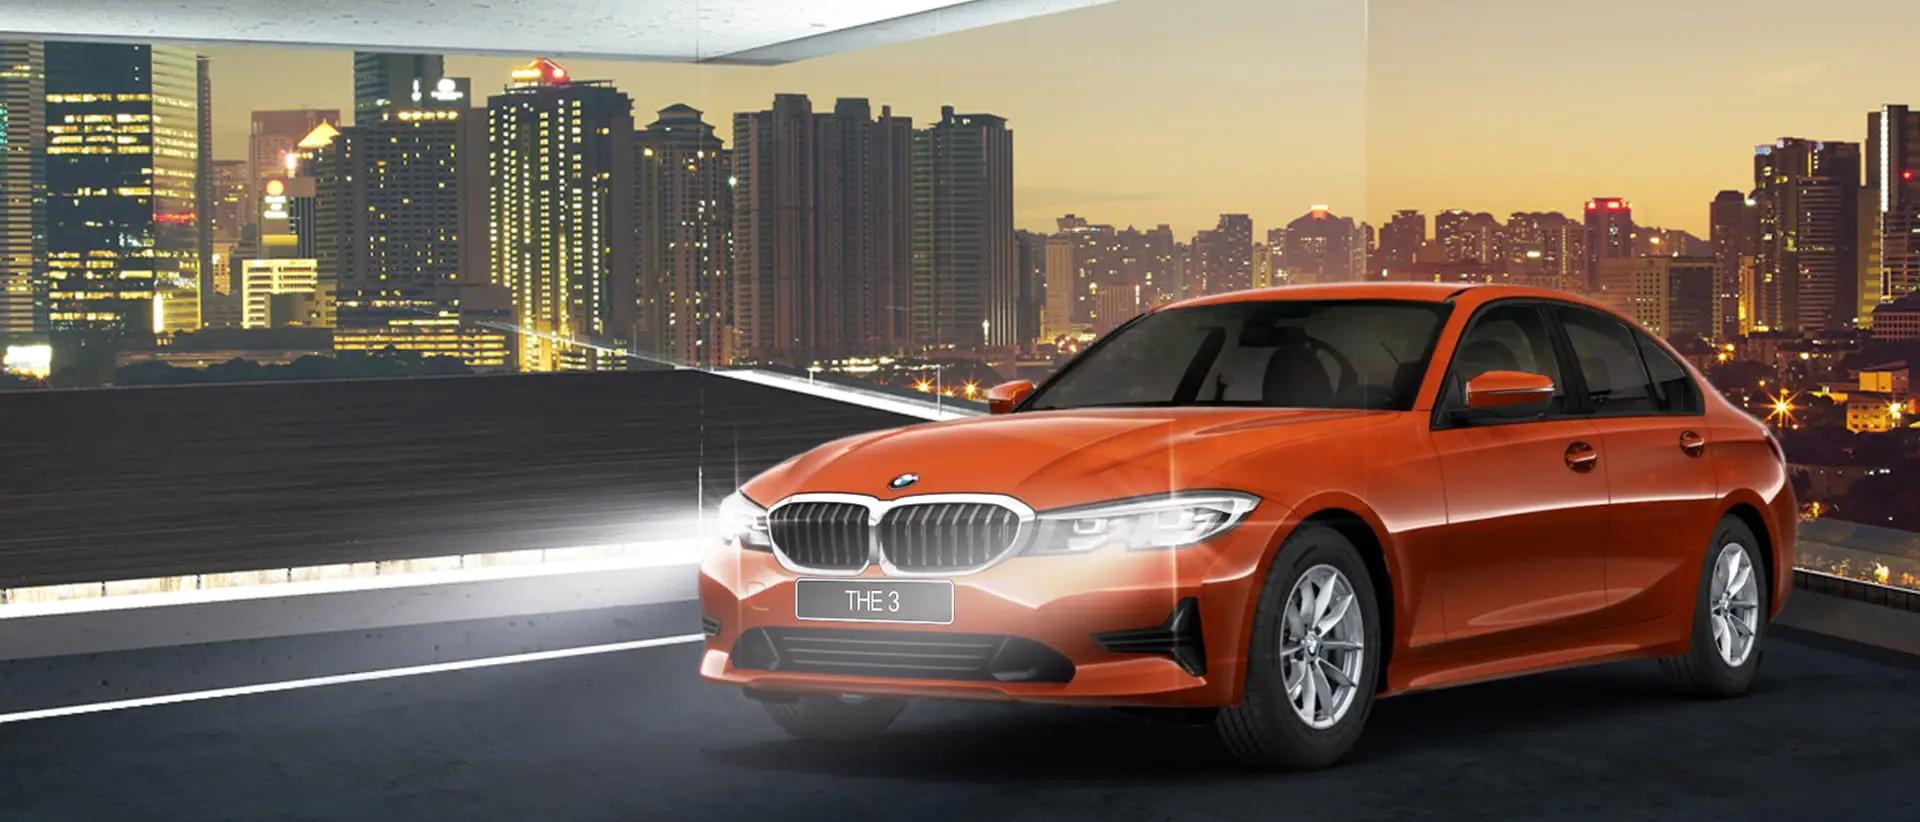 Купить новый БМВ Х5М компетишн 2021-2022 в Москве в автосалоне официального дилера BMW Автодом Внуково